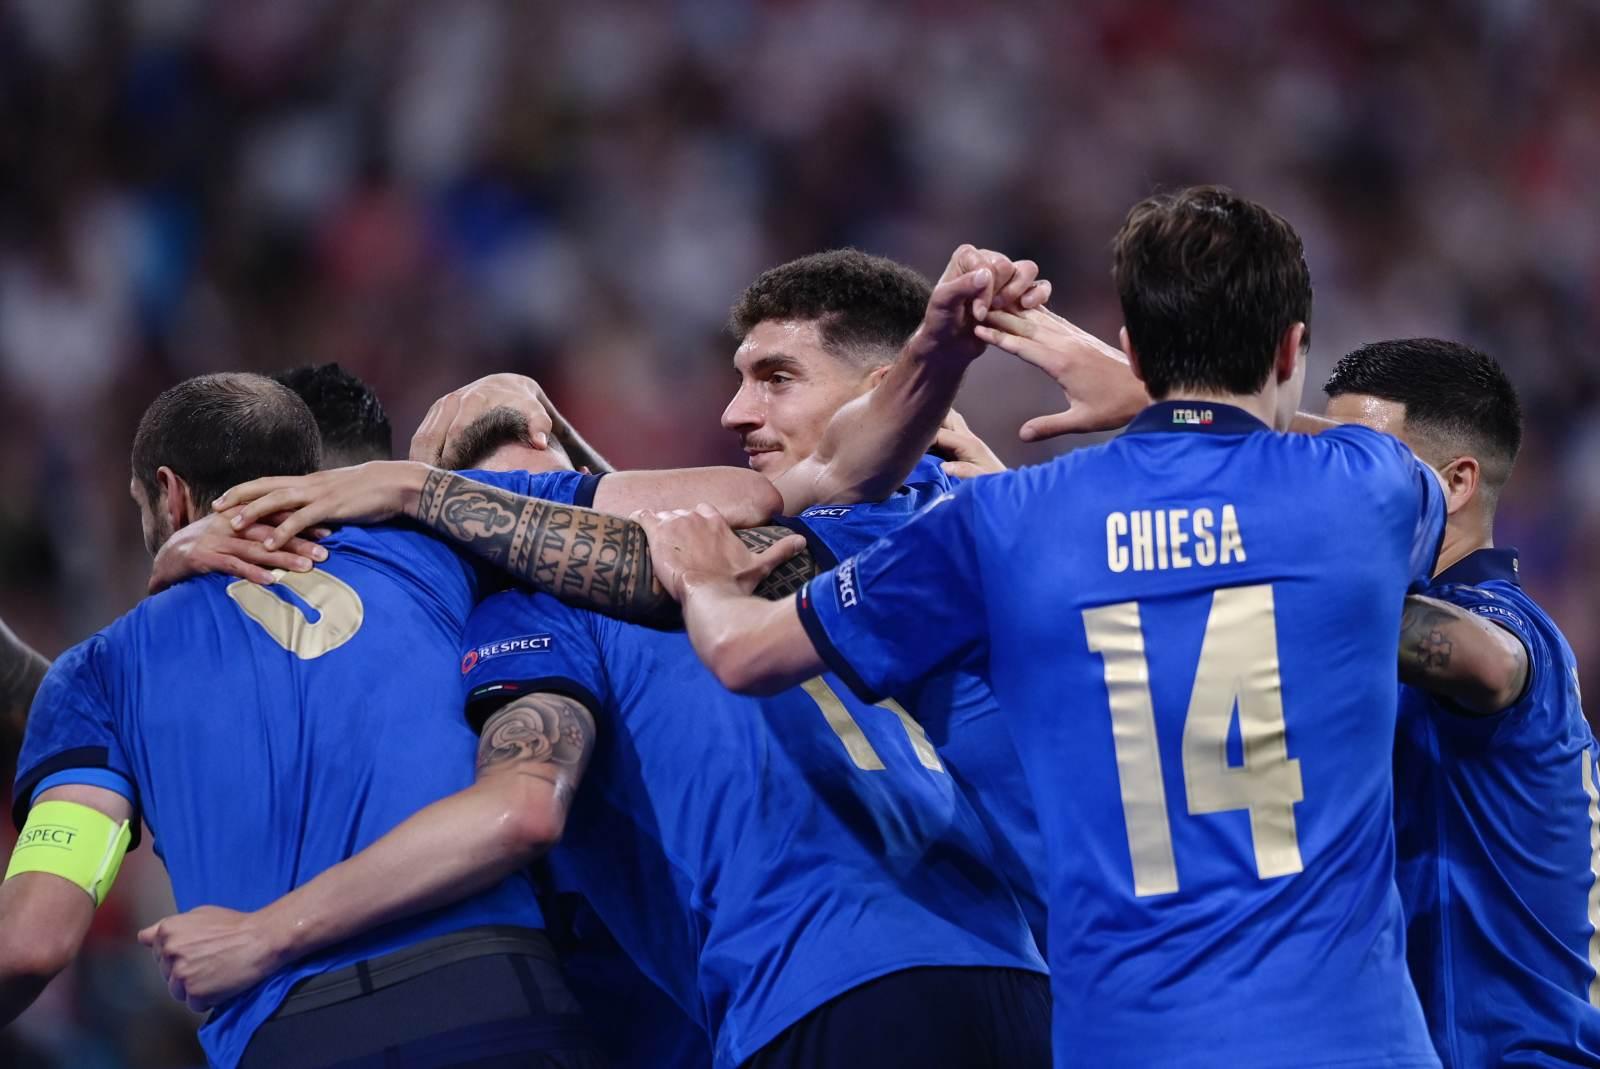 Как сборная Италии переиграла бельгийцев - видео